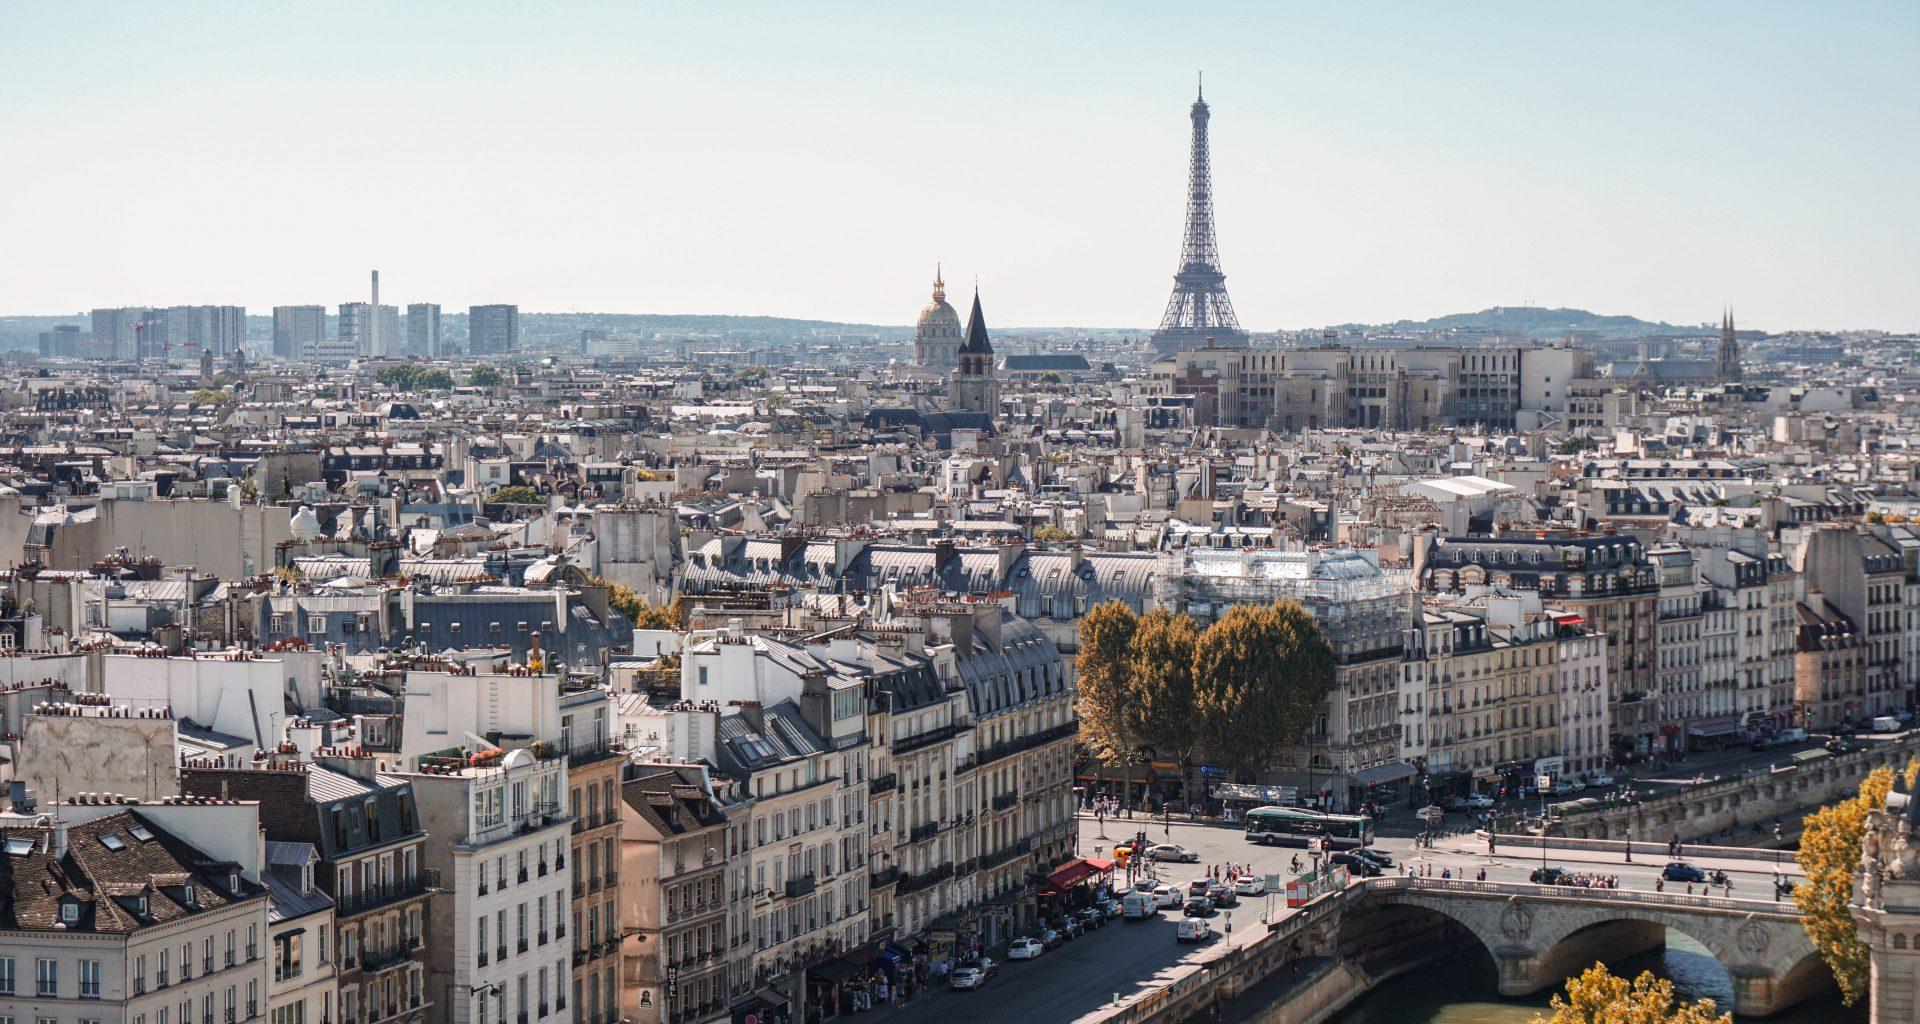 Où dormir à Paris? | Quartiers et hôtels sympas pour loger à Paris